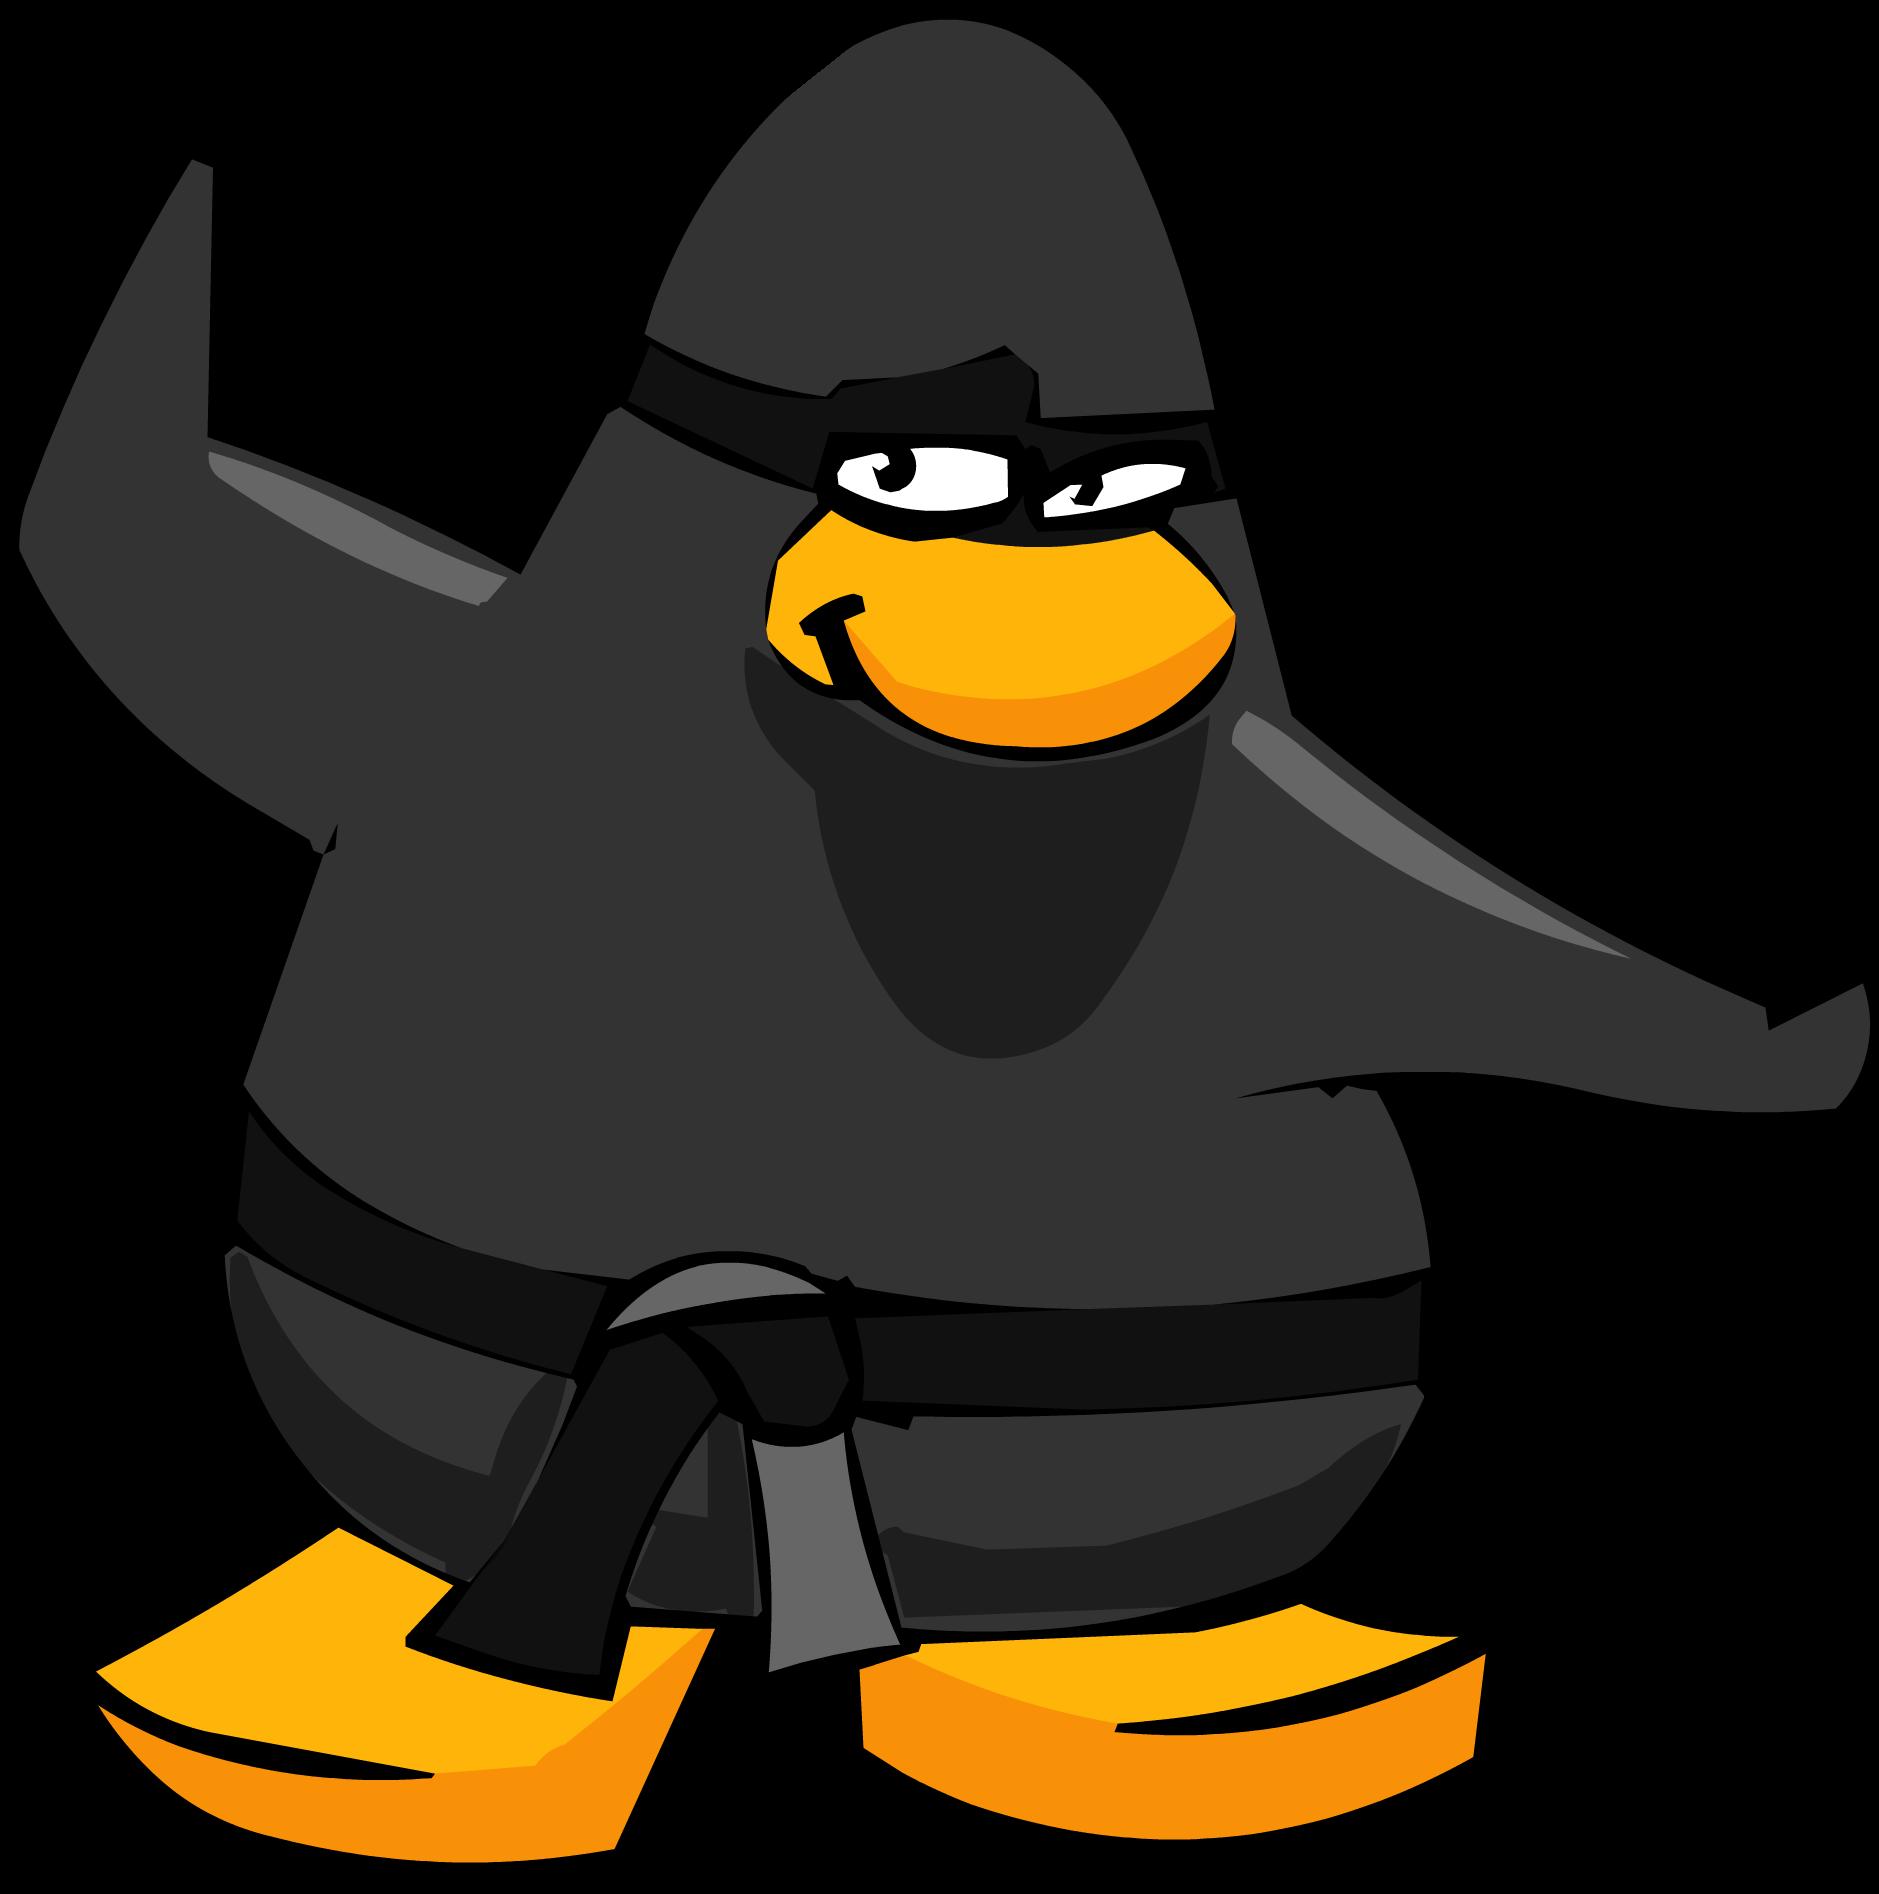 ninja worldninja world, ninja gaiden, ninja blade, ninja turtles, ninja gaiden 3, ninja wars, ninja theory, ninja tune, ninja gaiden 2, ninja scroll, ninja kiwi, ninja senki dx, ninja ripper, ninja blade 2, ninja re bang bang, ninja warrior, ninja assassin, ninja legendary warriors, ninja oyunu, ninja gaiden pc